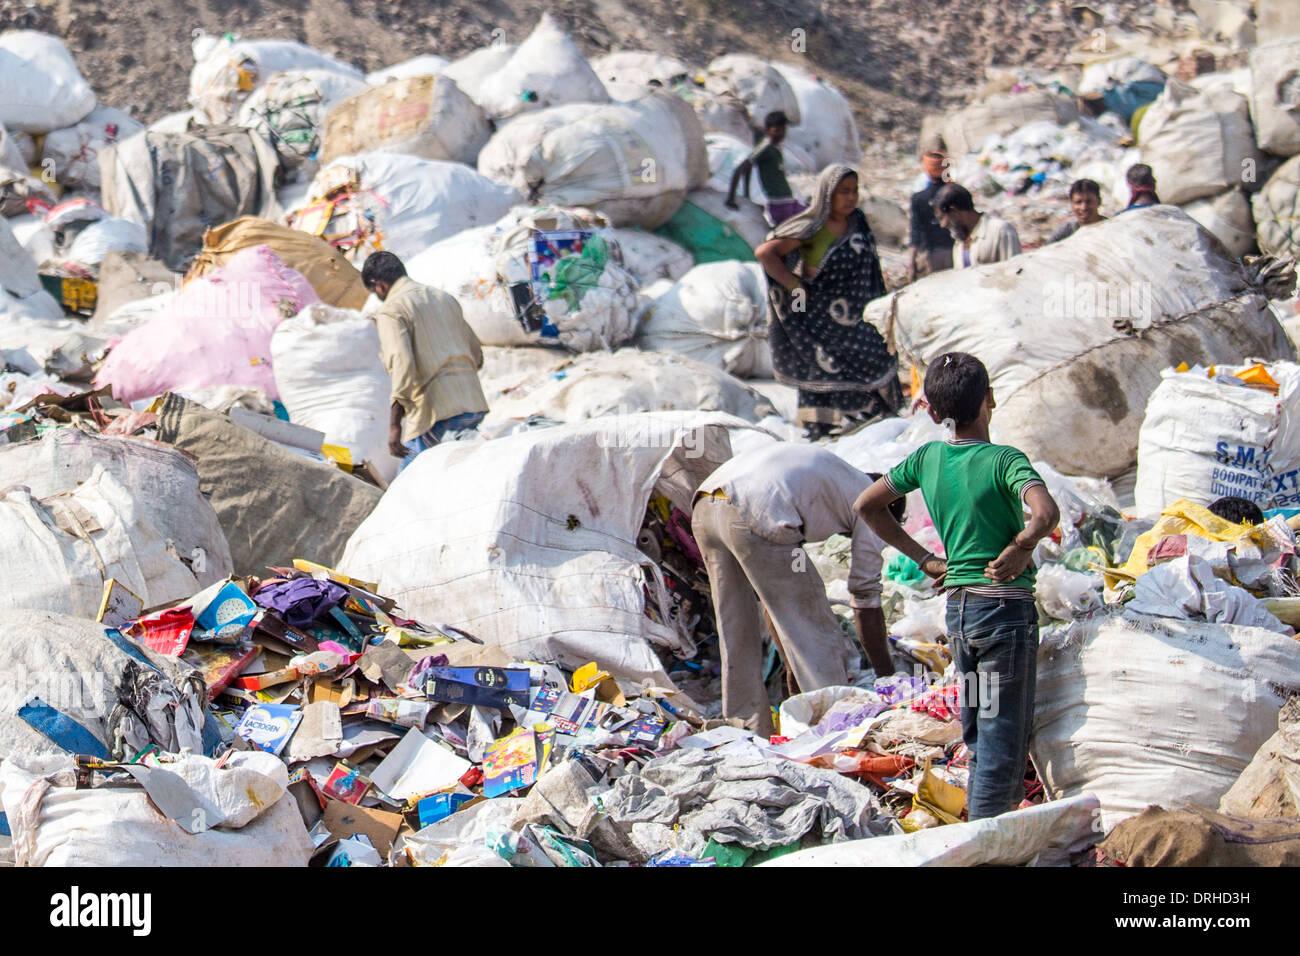 Pflücker auf einer Mülldeponie in Delhi, Indien Stockbild